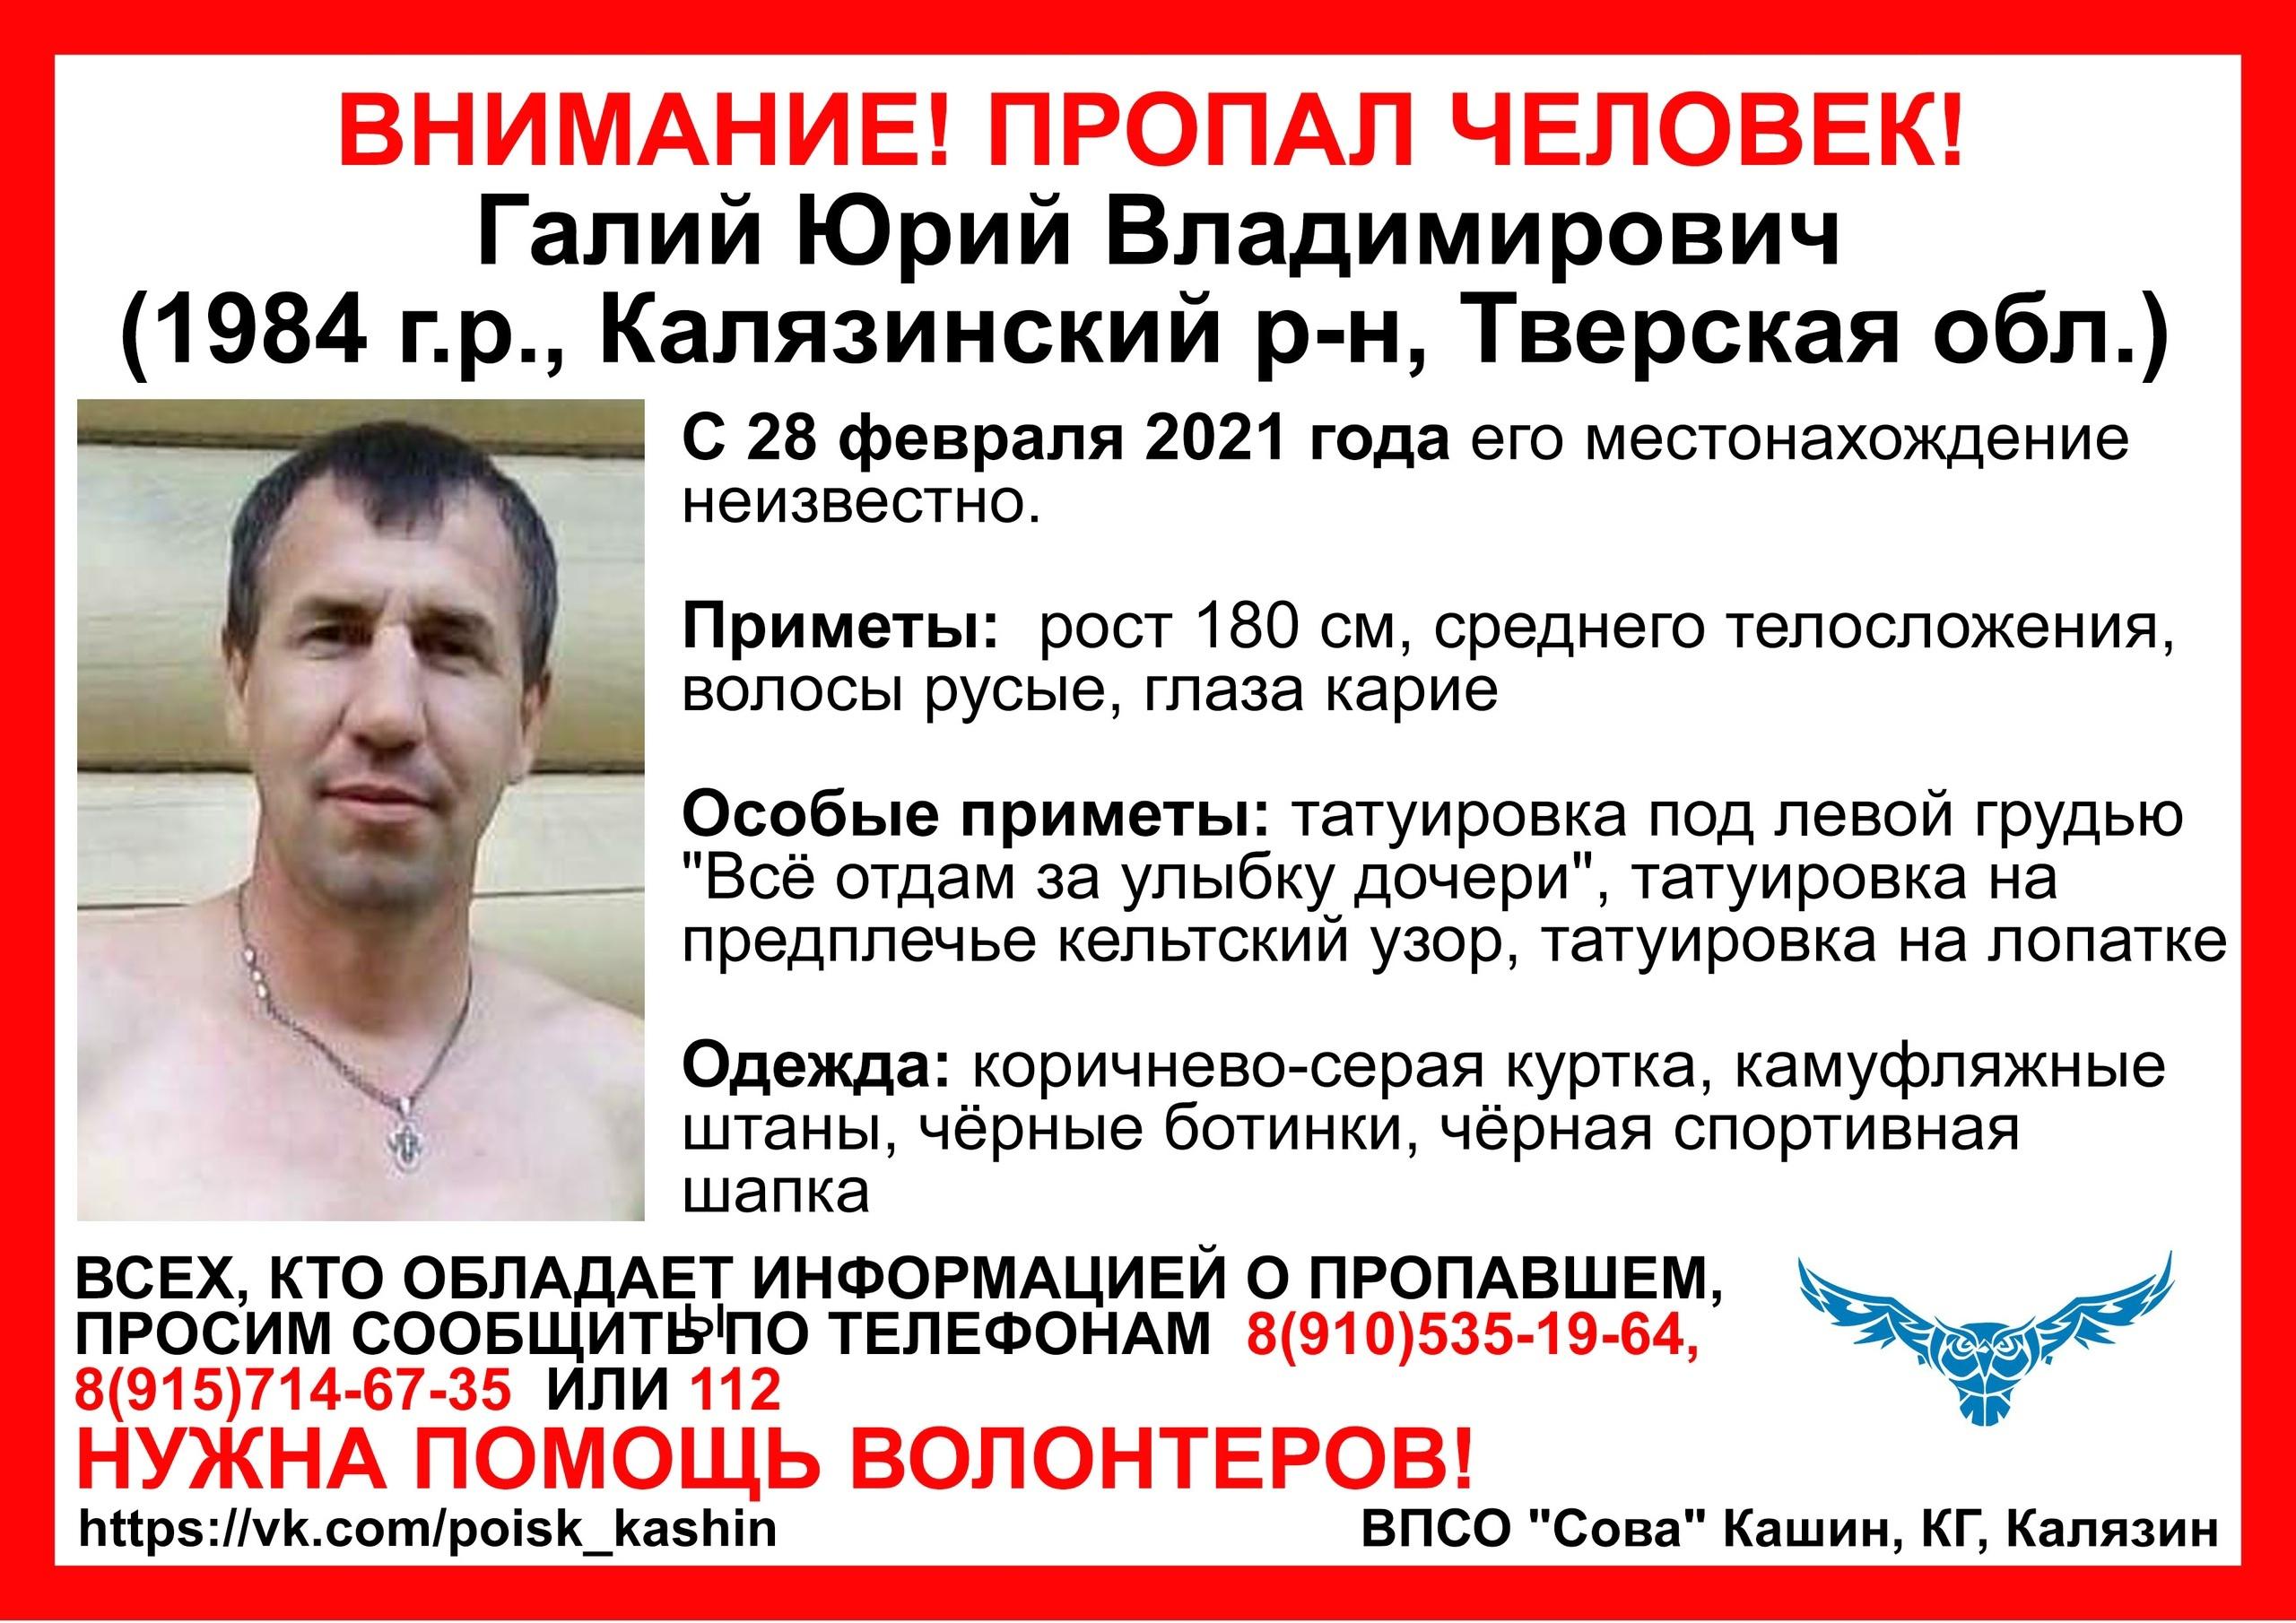 В Тверской области ищут мужчину, пропавшего в конце февраля